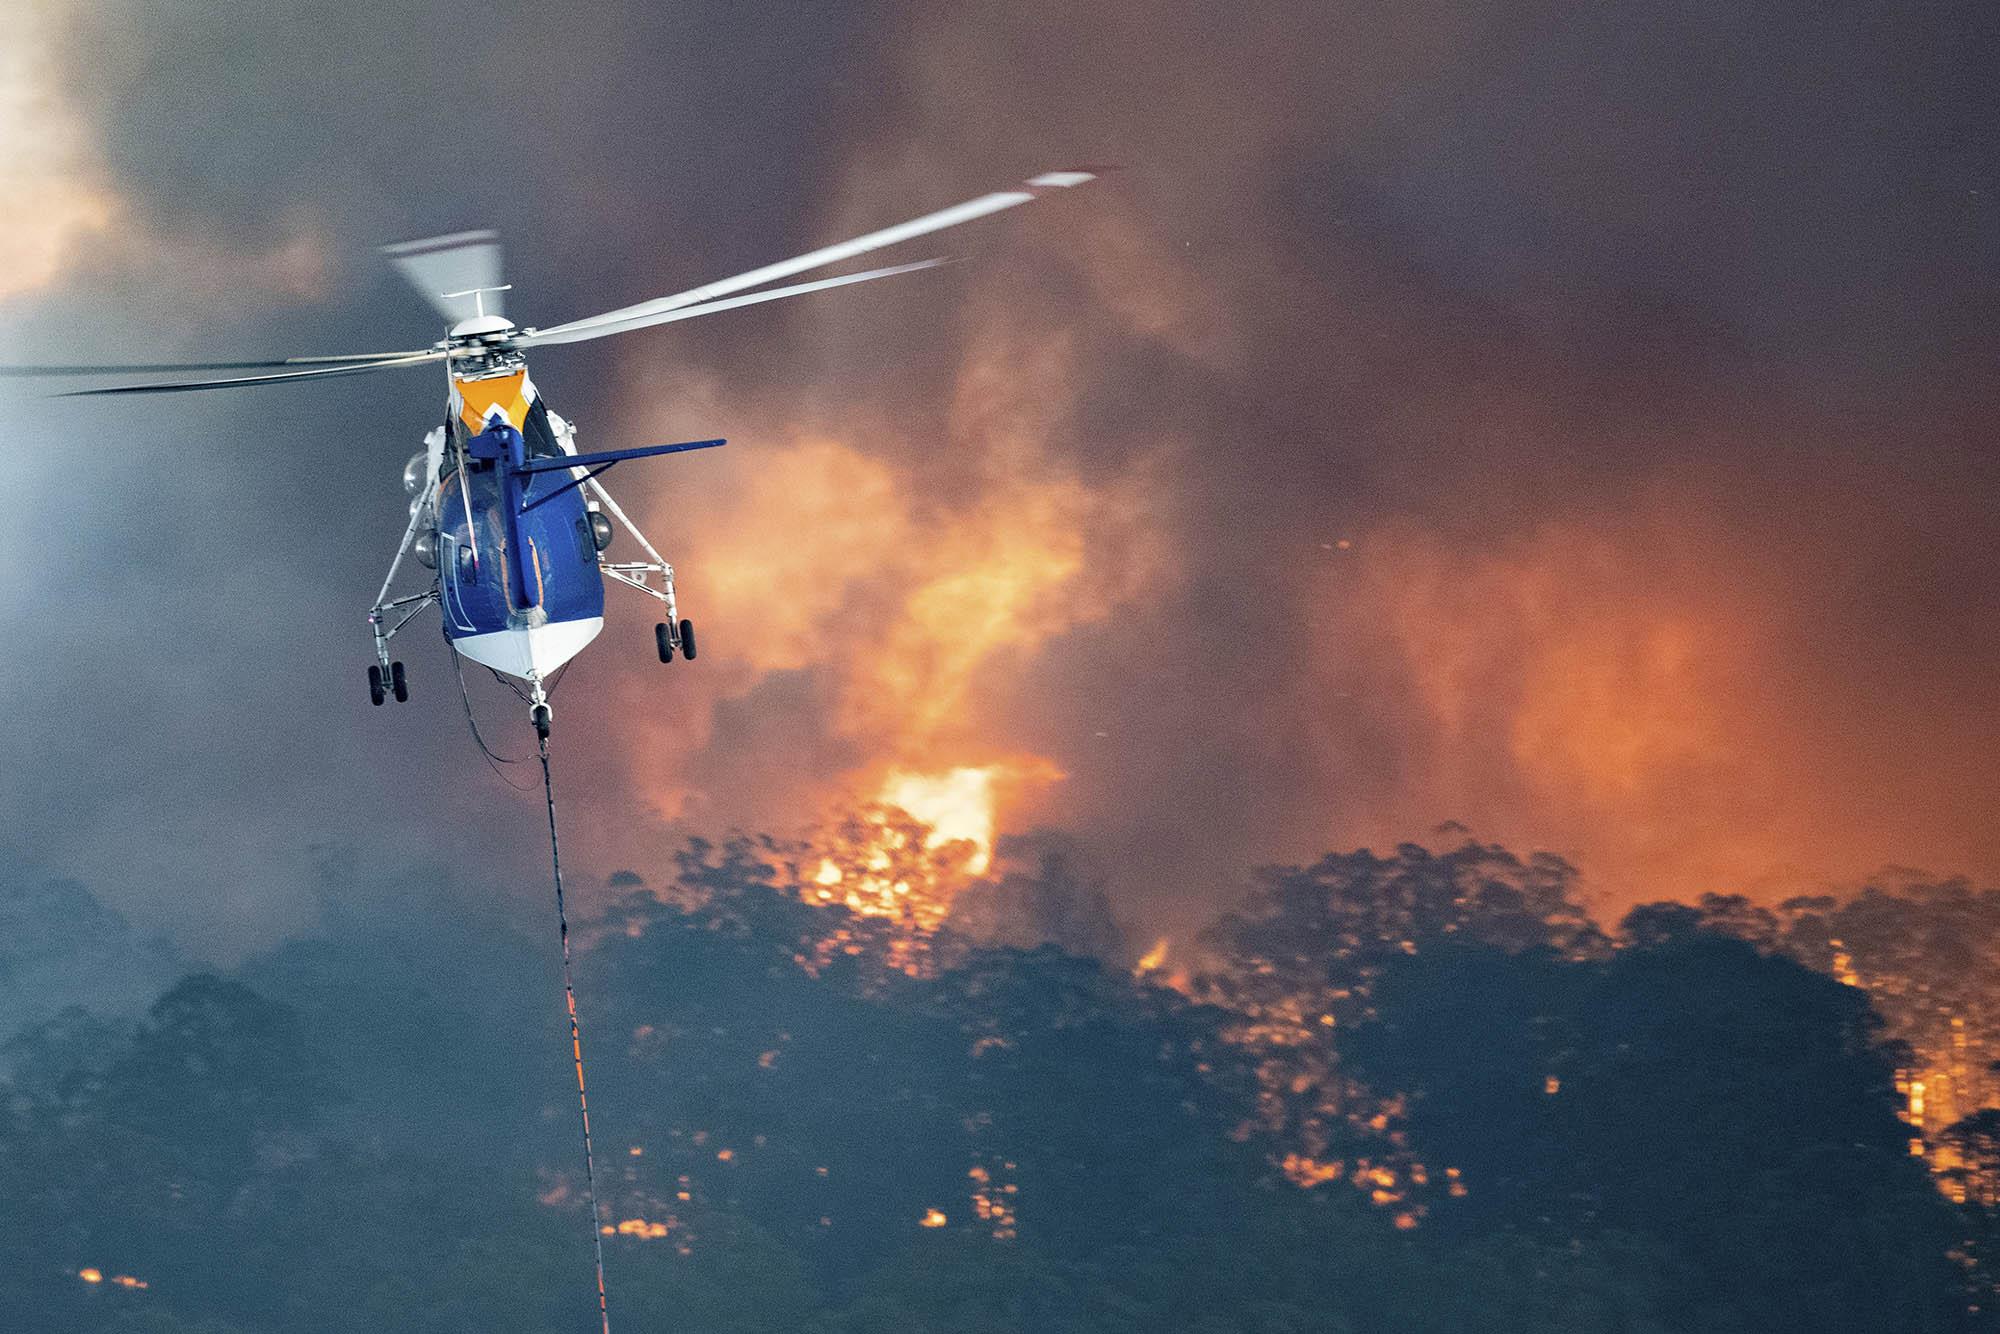 Store dele af navnlig det sydøstlige Australien plages af de såkaldte bush fires. Her er brandslukningshelikopter i aktion i delstaten Victoria, hvor Melbourne er største by. Foto via State Government of Victoria.